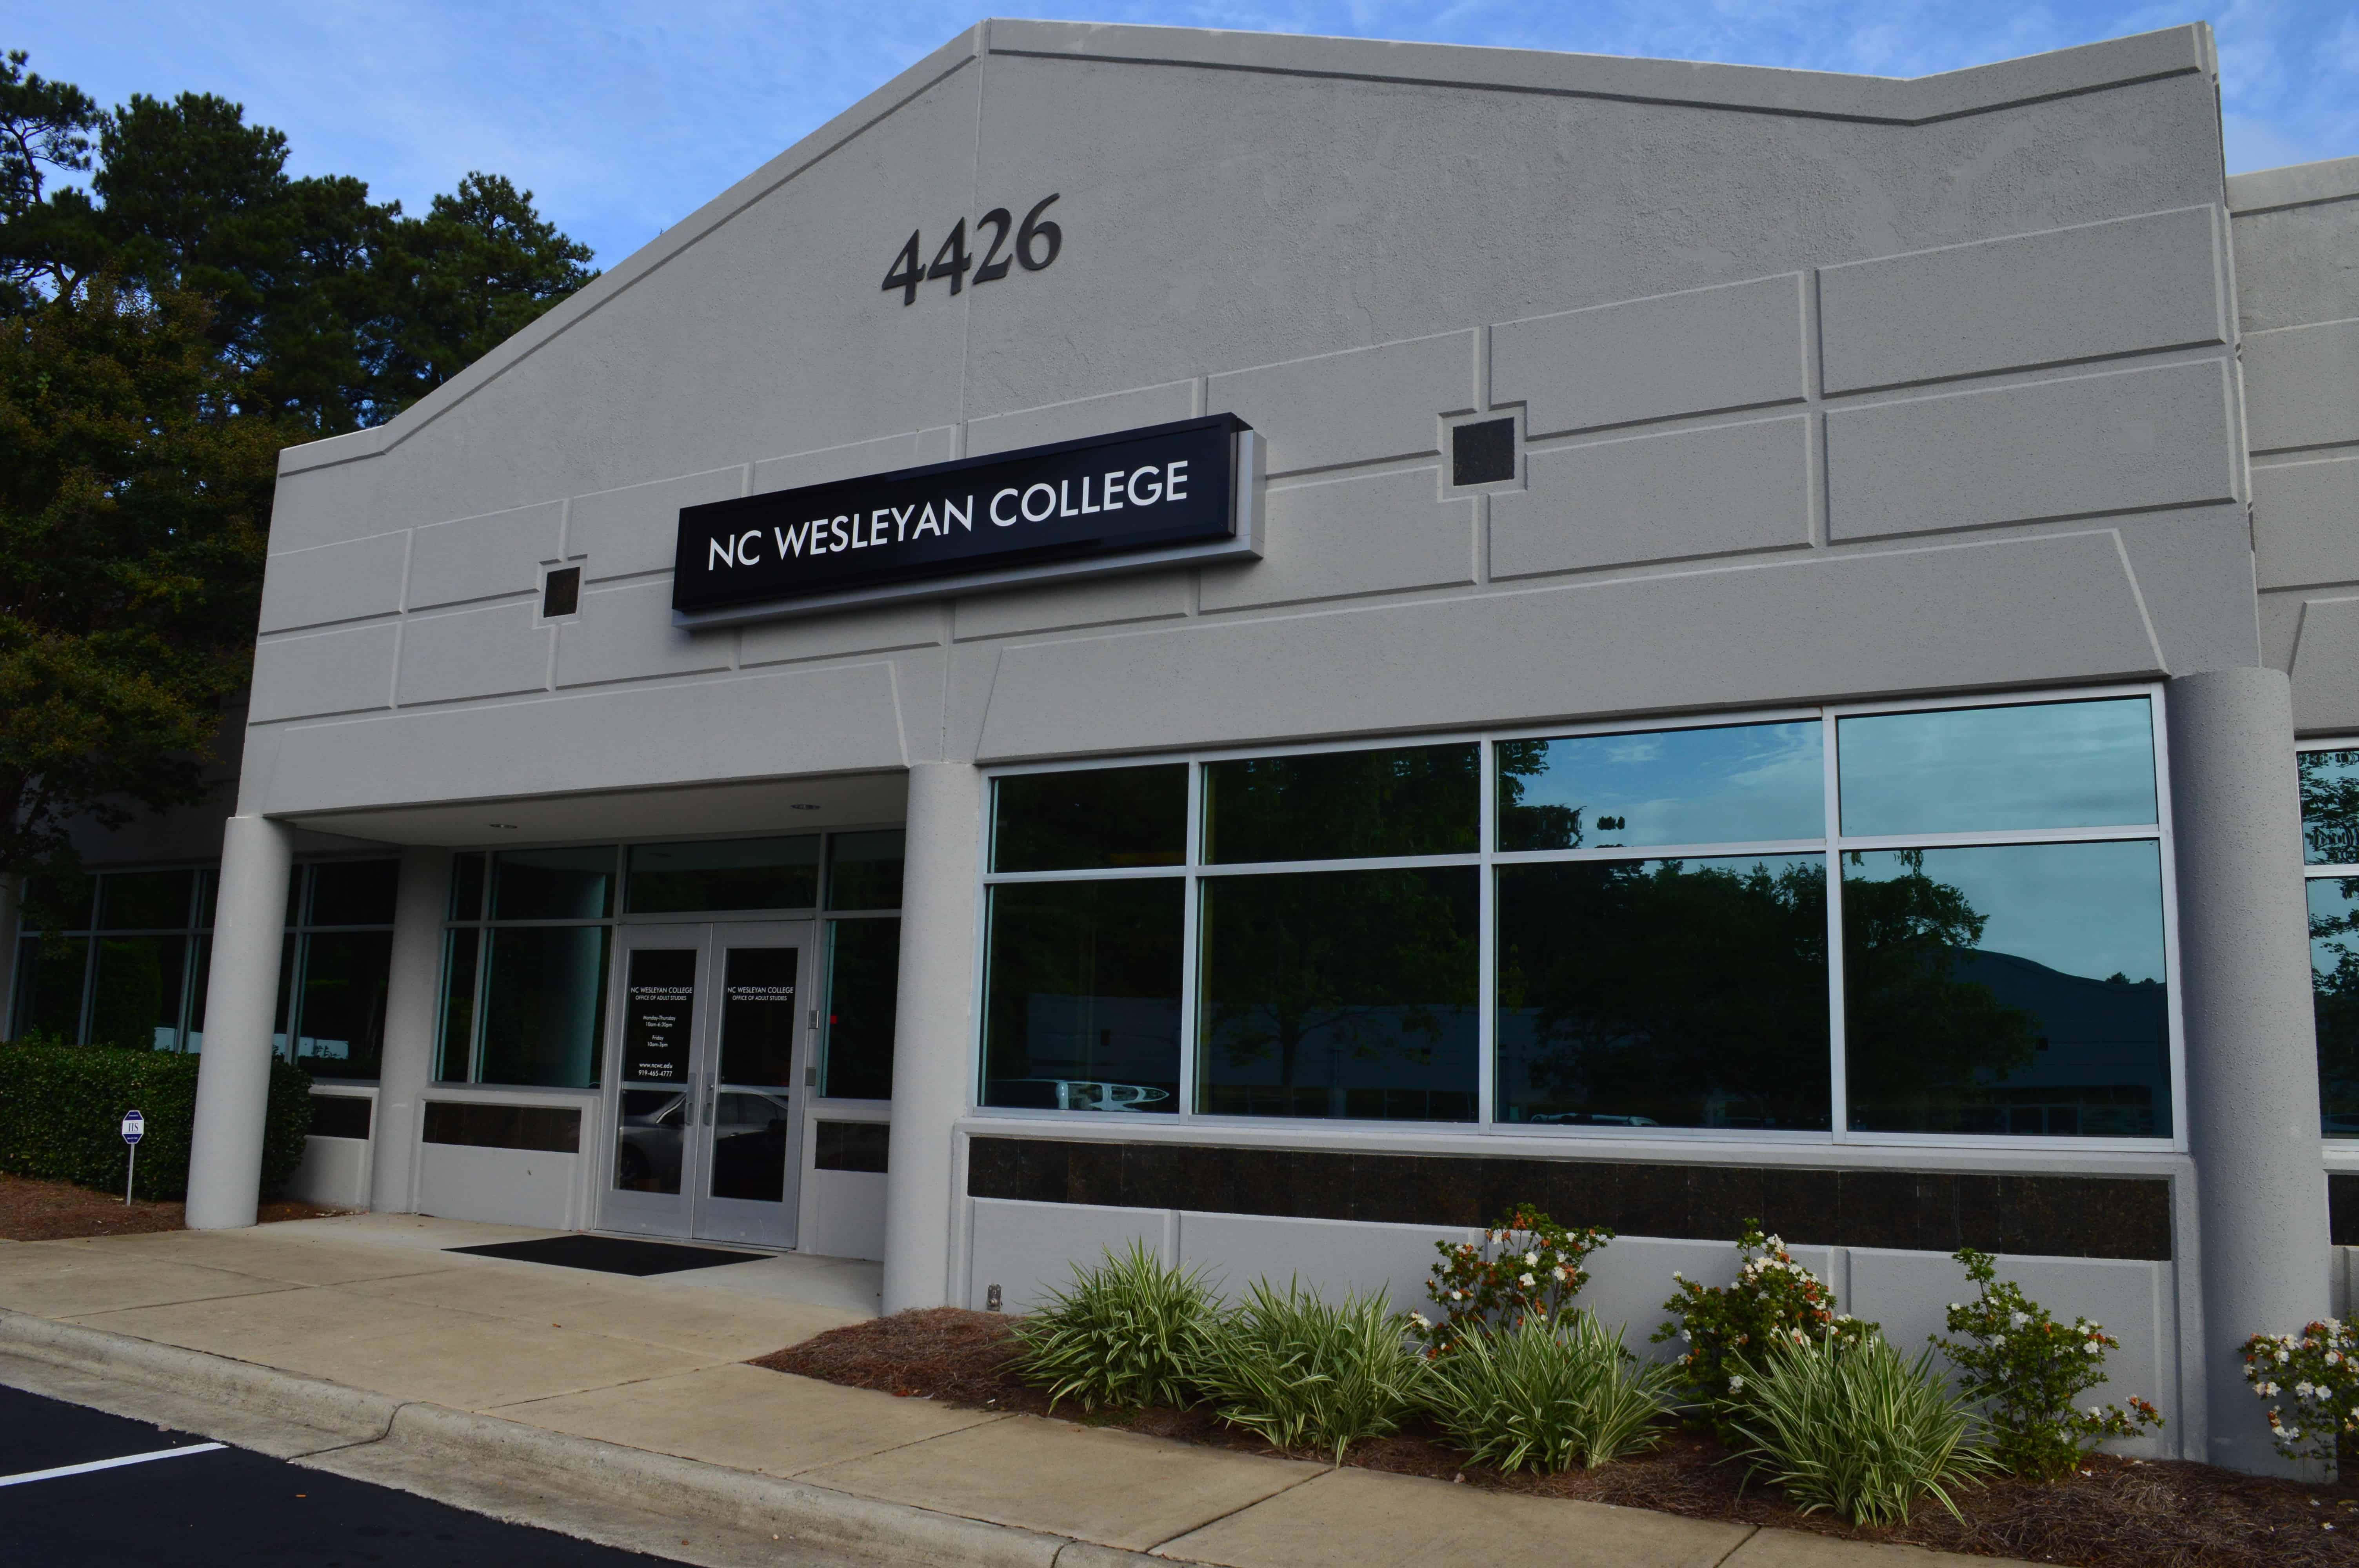 White NC Wesleyan College adult studies building in Raleigh-Durham